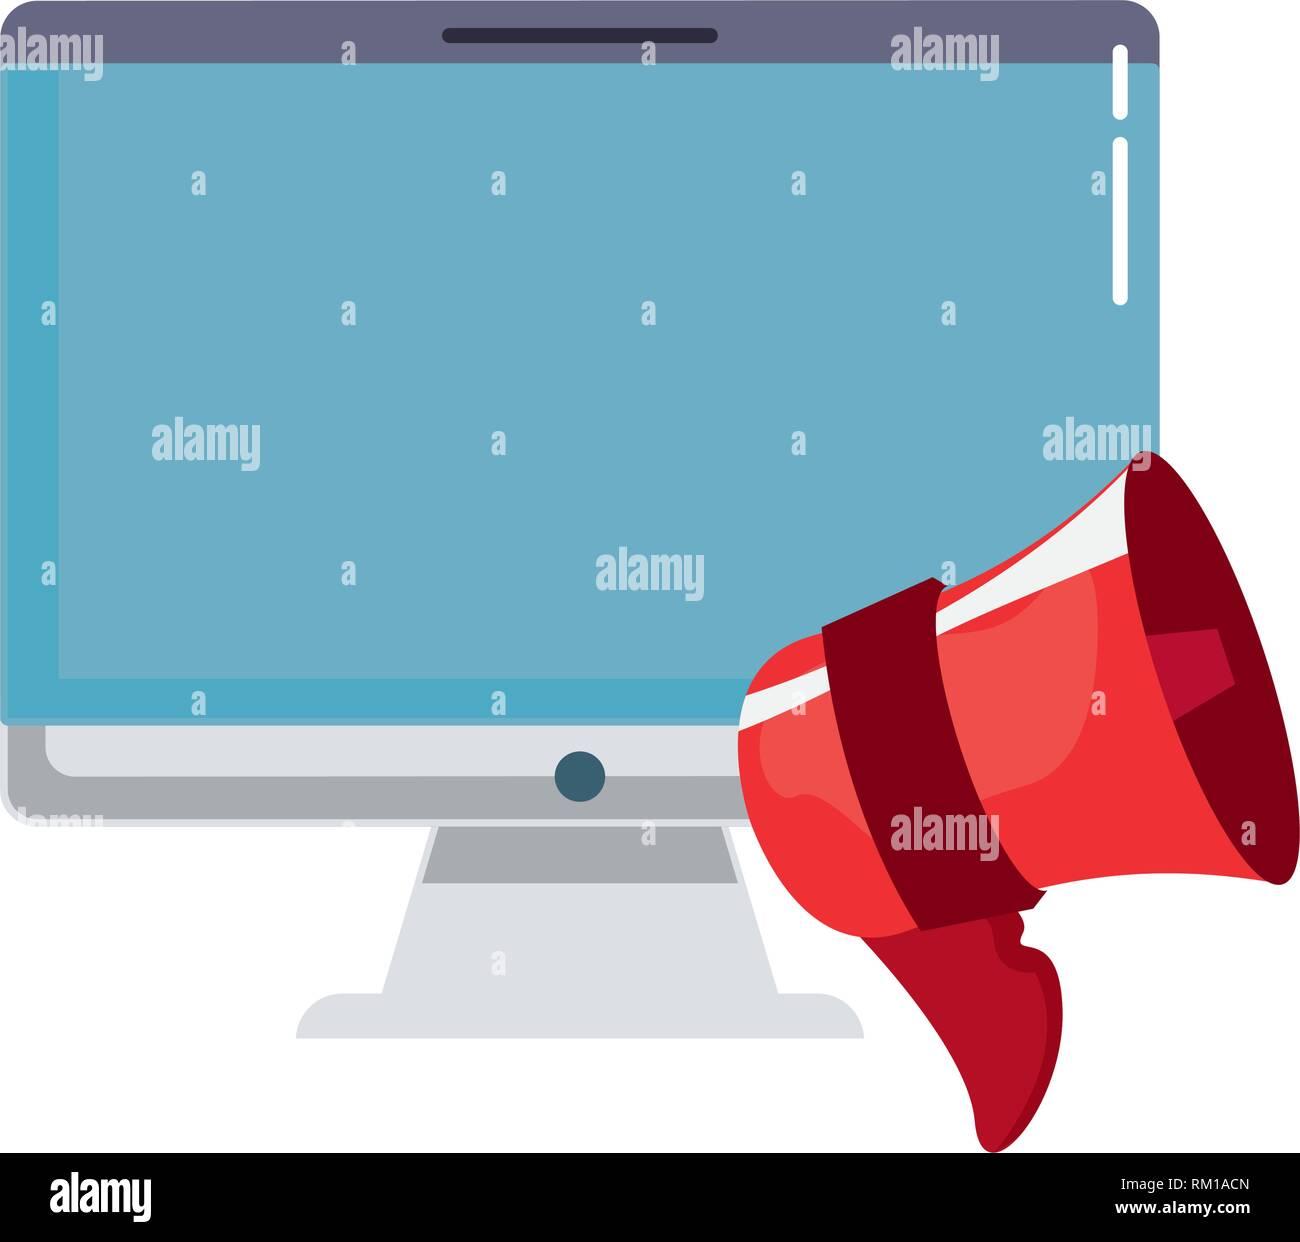 computer speaker online shopping market vector illustration - Stock Image